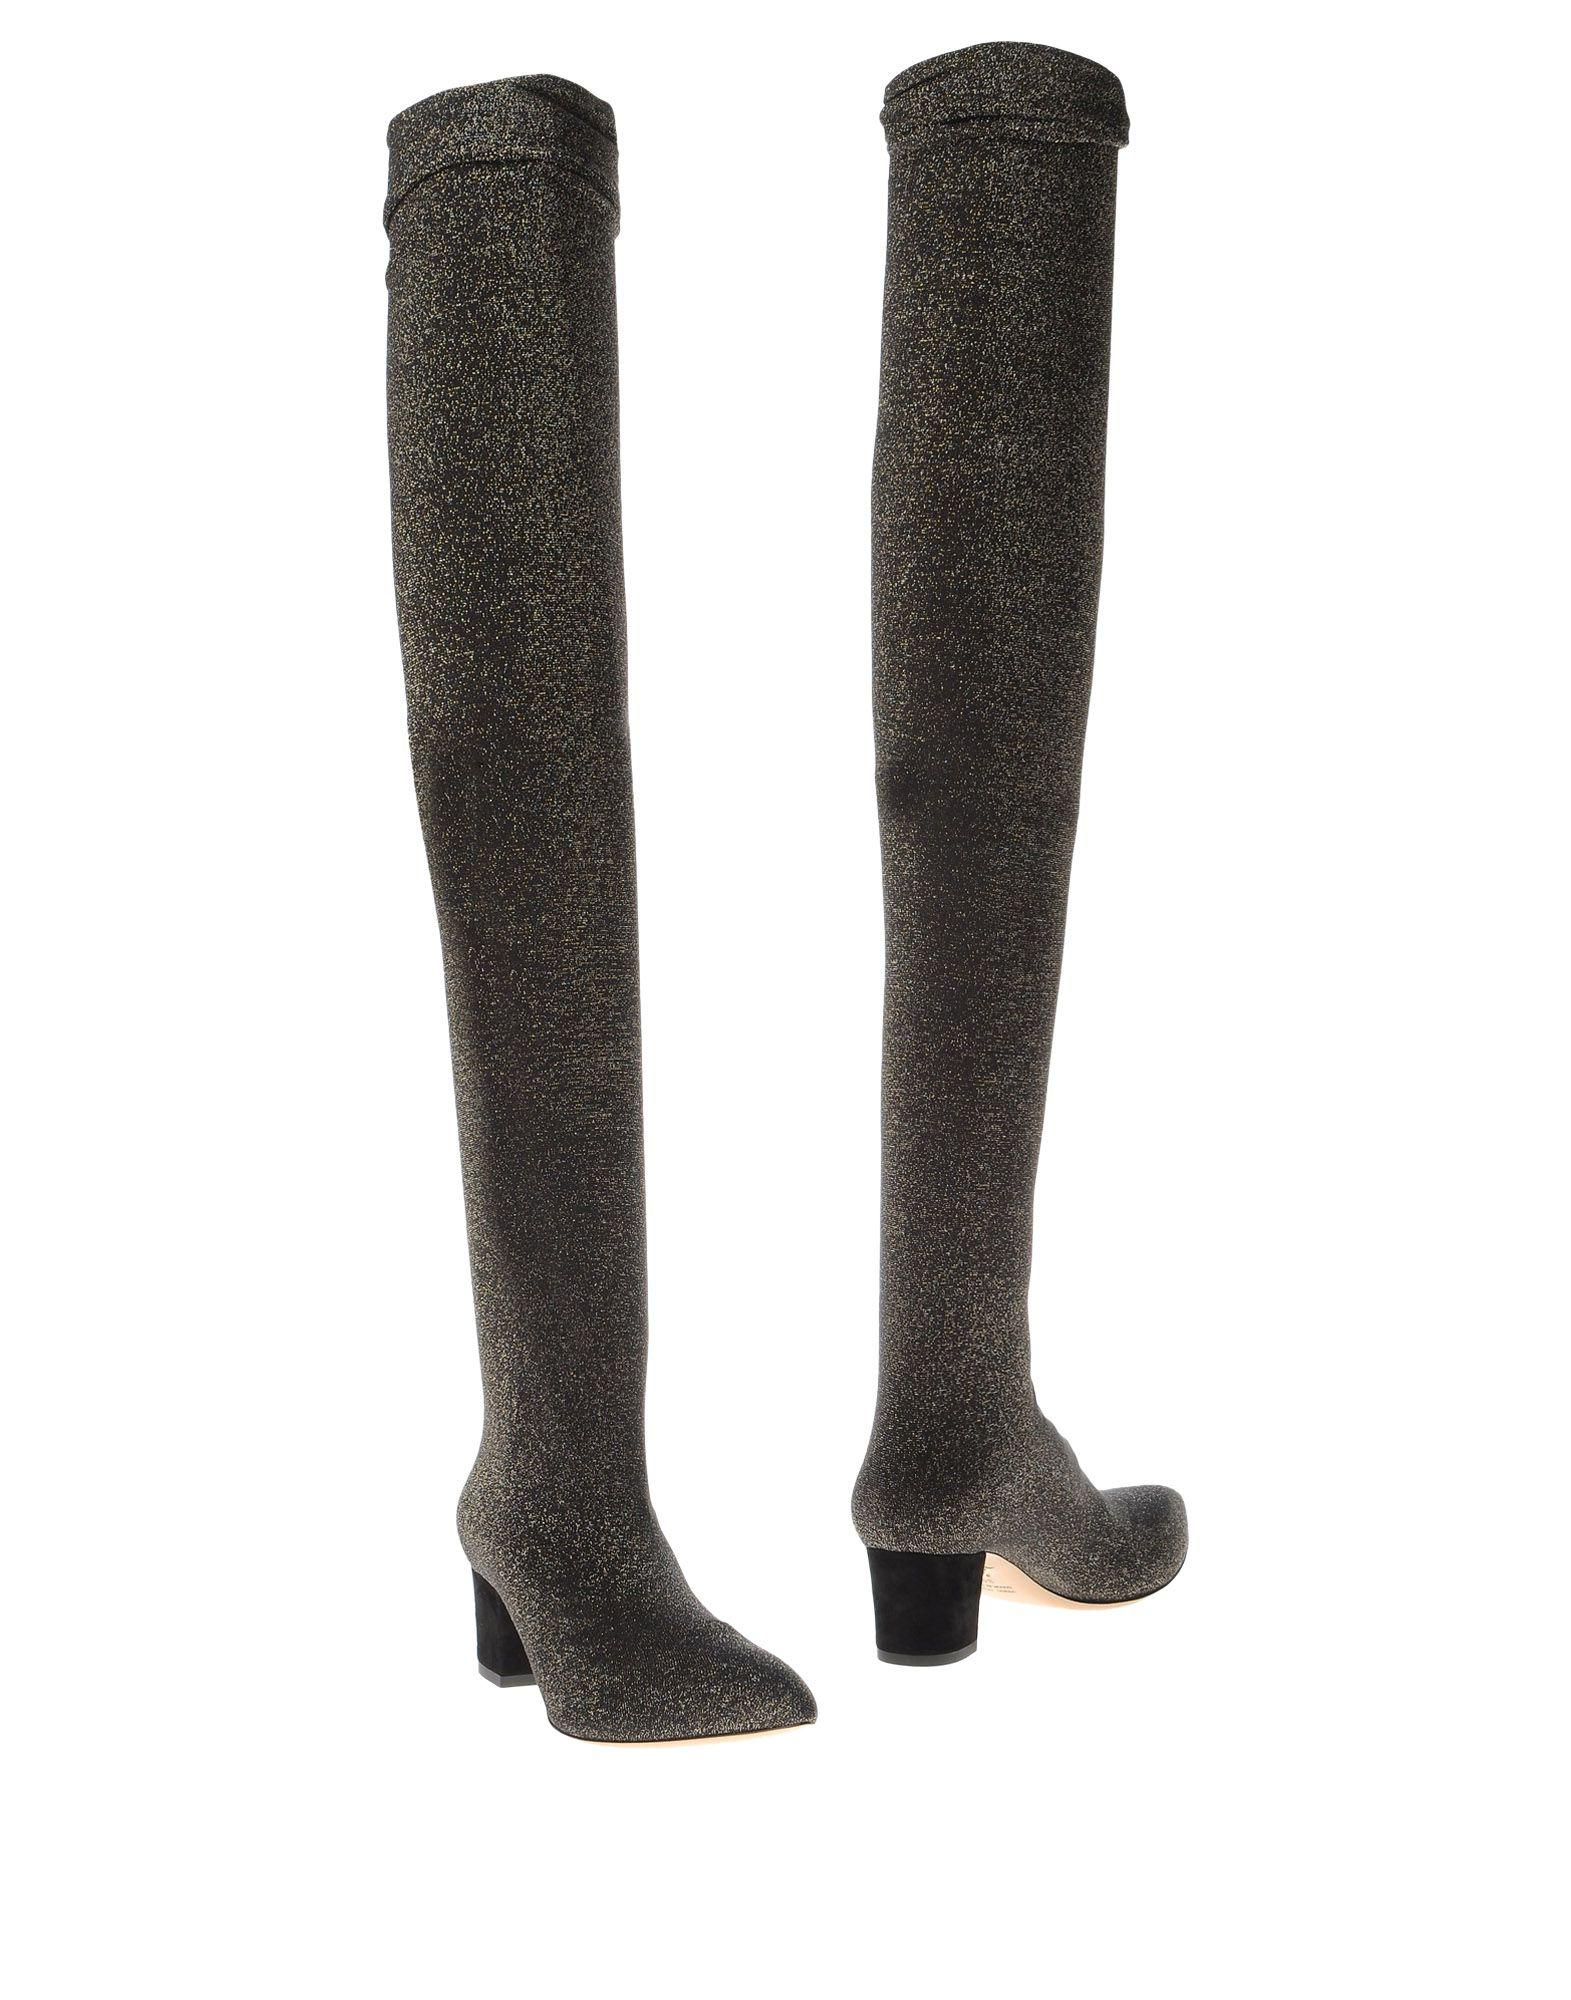 Charlotte Olympia Stiefel Damen  11048349MDGünstige gut aussehende Schuhe